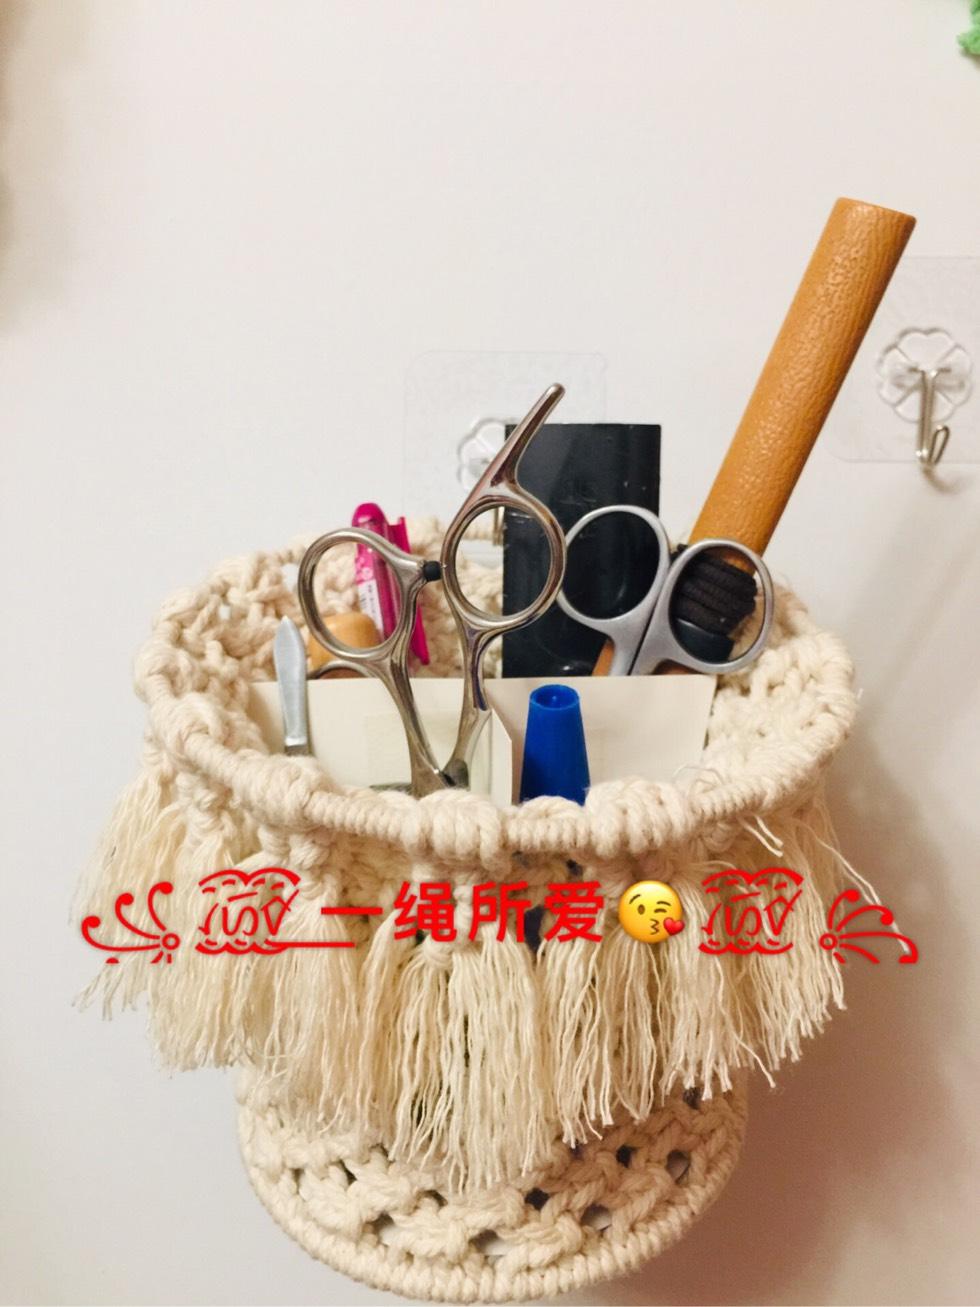 中国结论坛 原创·Macrame 收纳篮  立体绳结教程与交流区 143043h7o57ah5a8fh755v